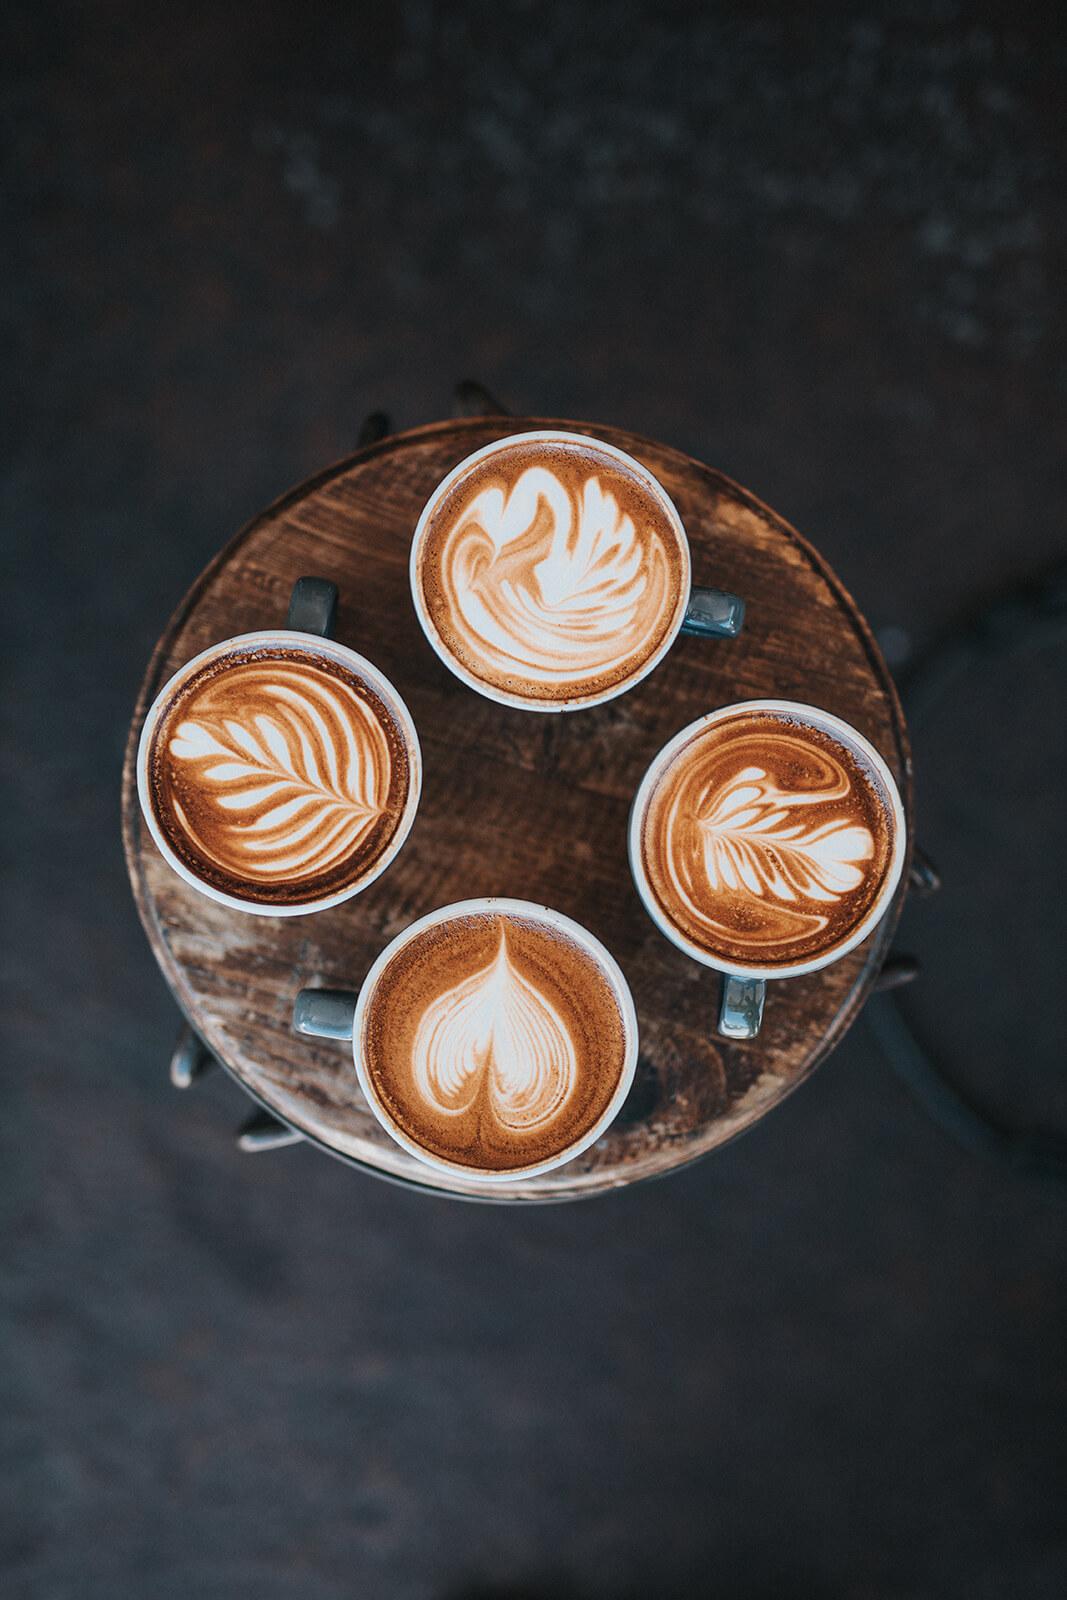 wzory z mleka na kubku kawy